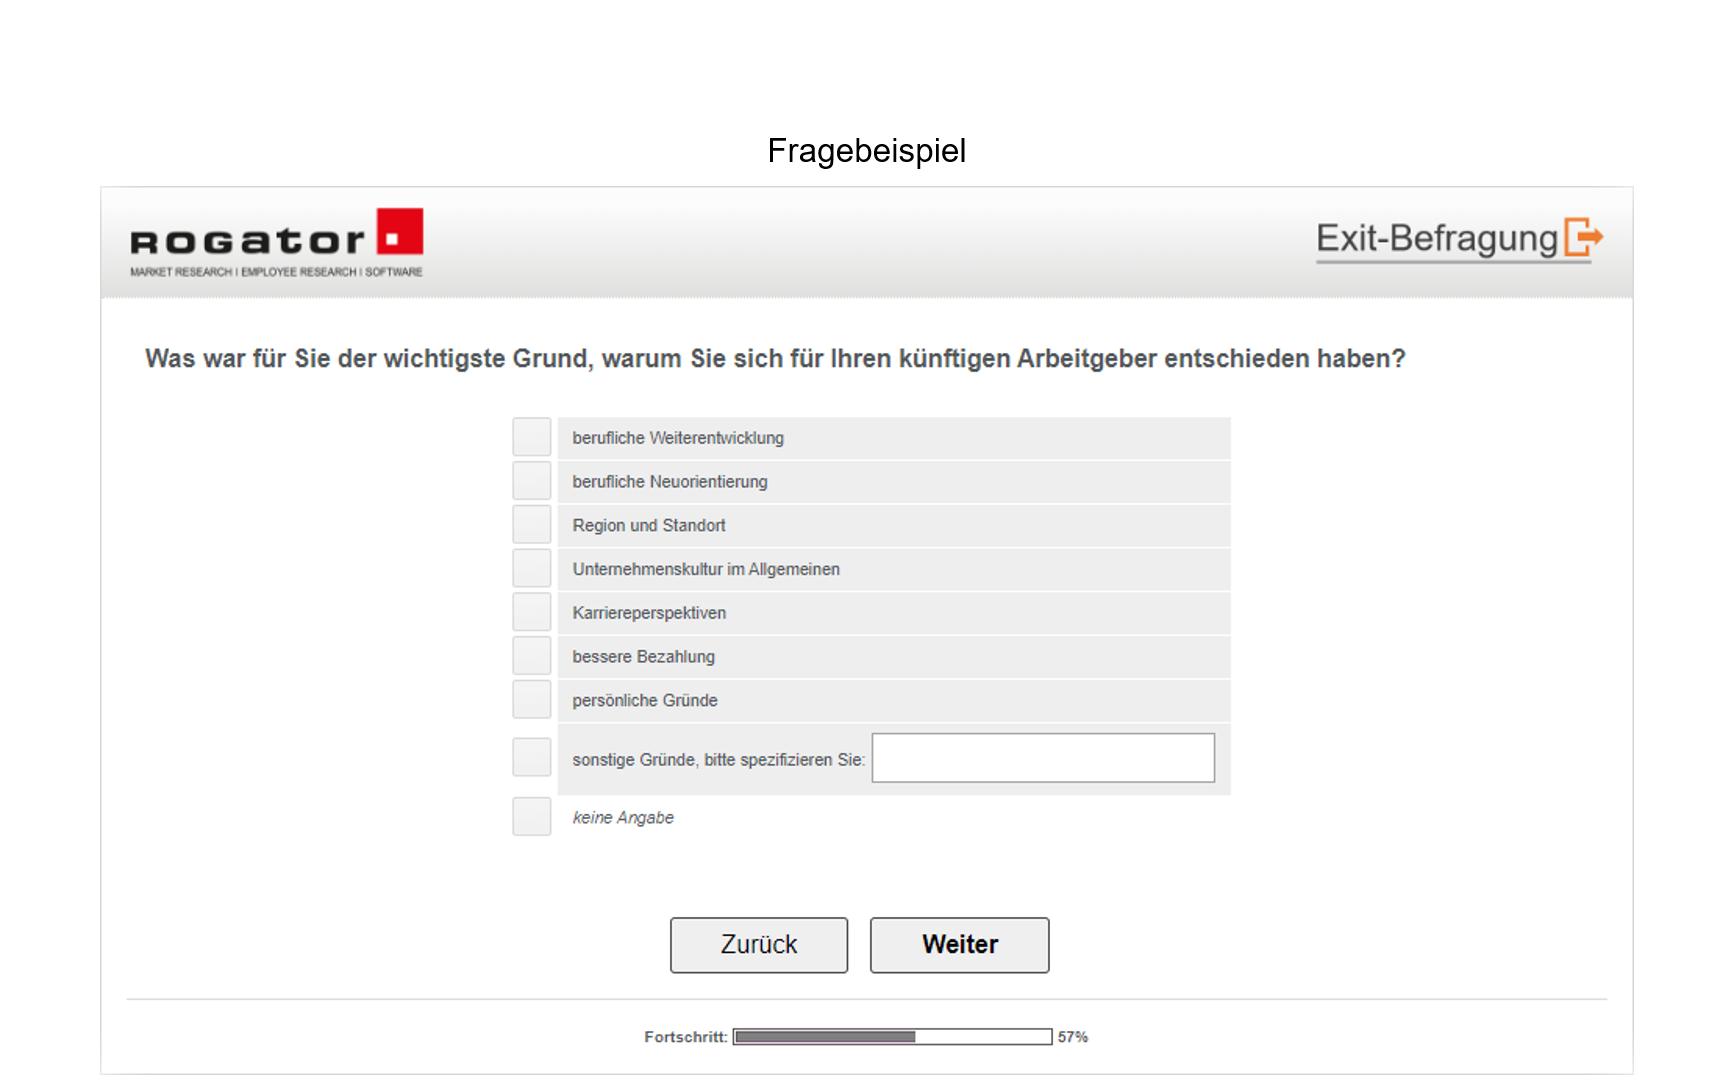 Exit-Befragung_Fragebeispiel3